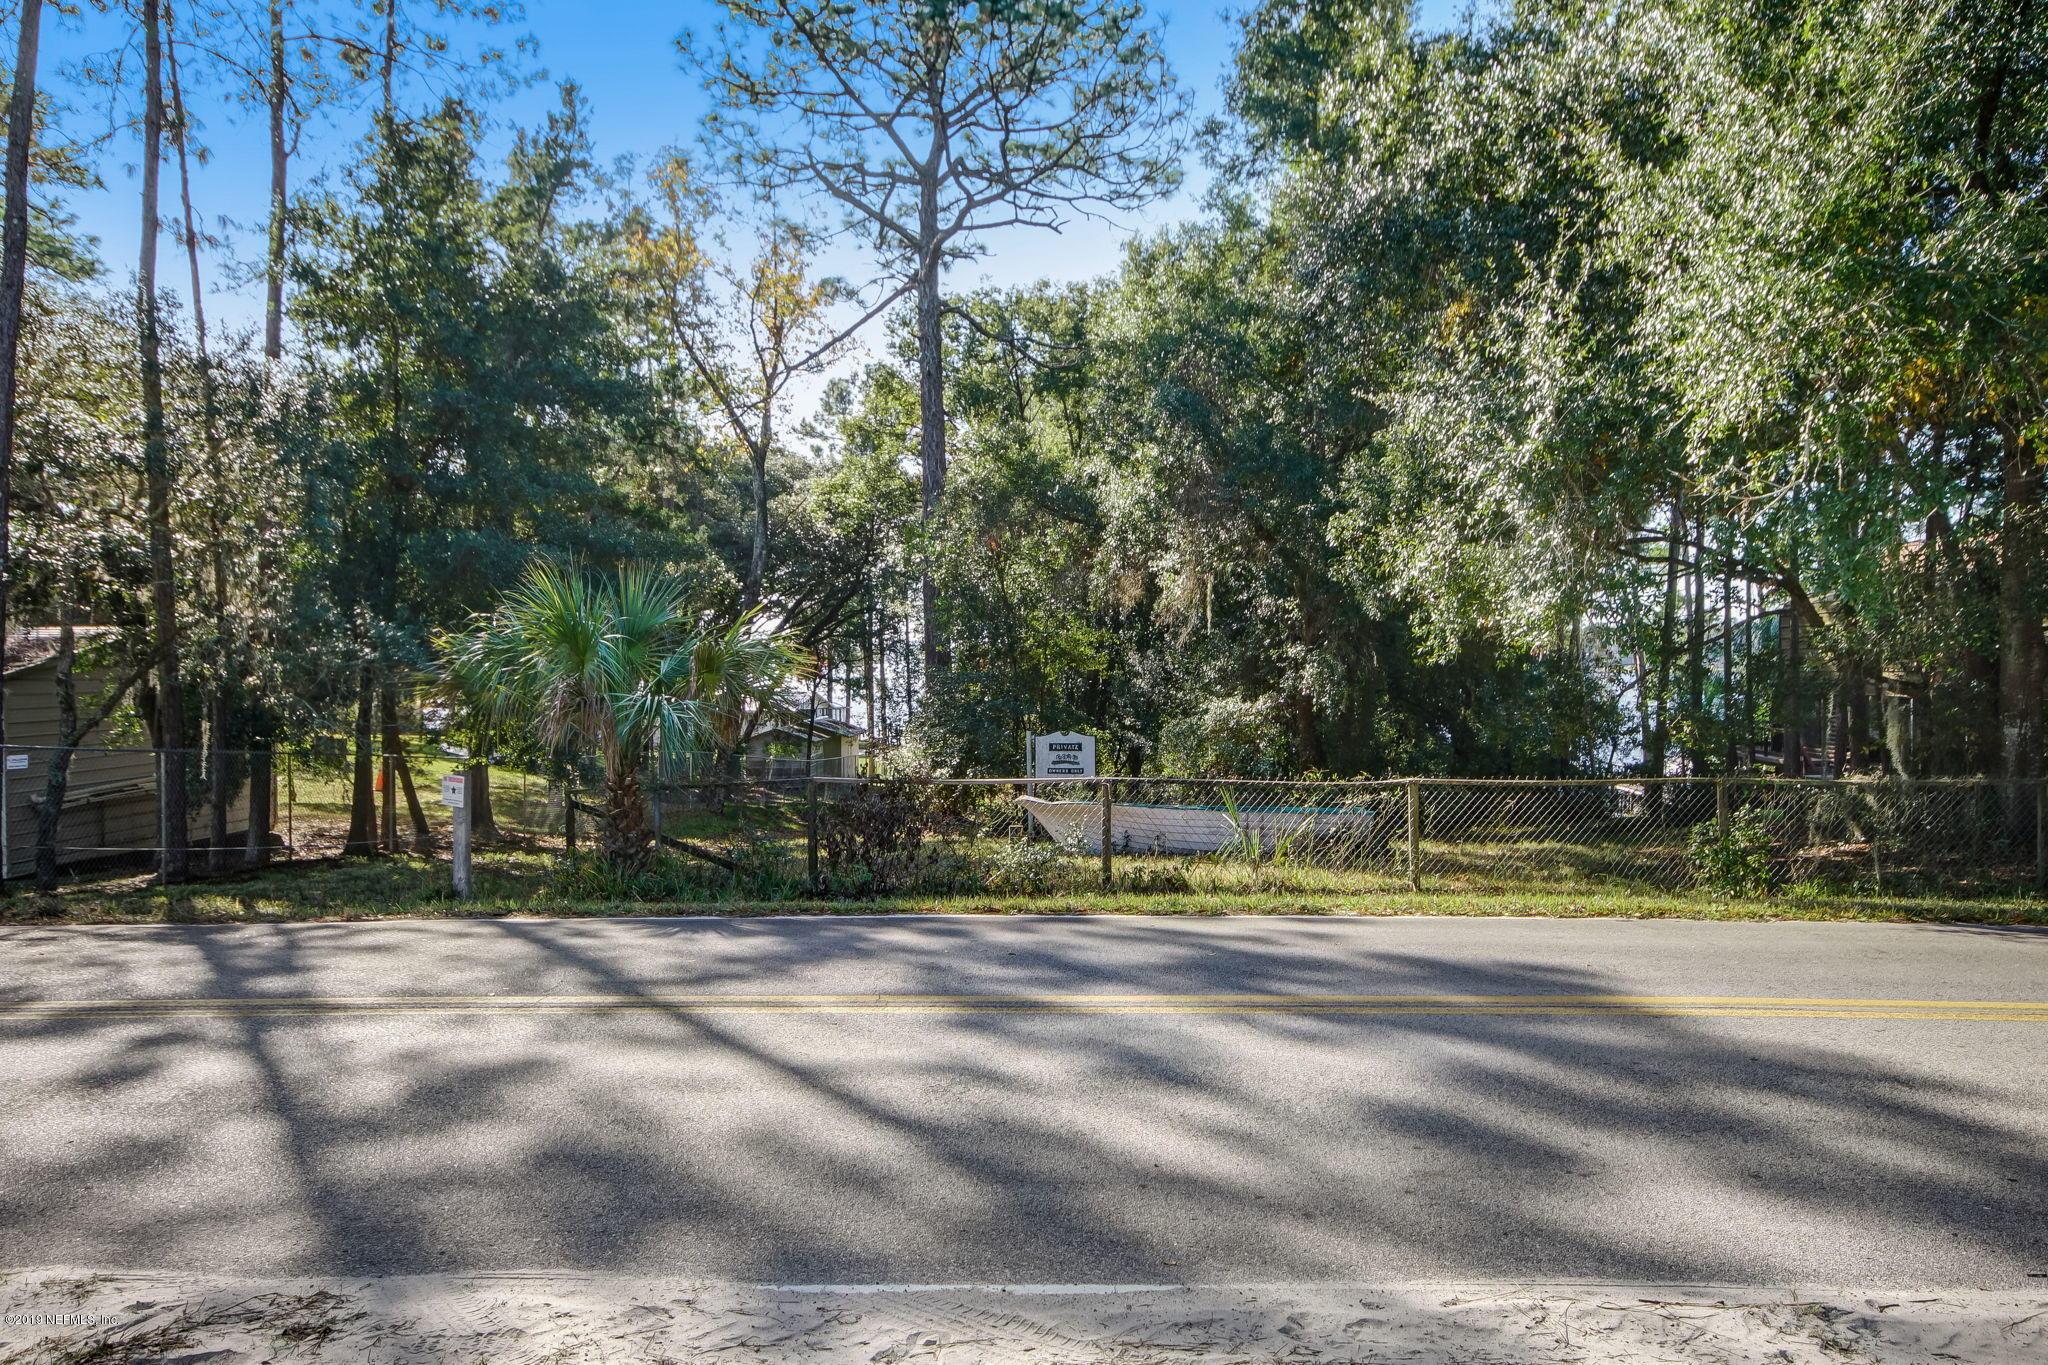 284 SISCO, POMONA PARK, FLORIDA 32181, ,Vacant land,For sale,SISCO,1029493